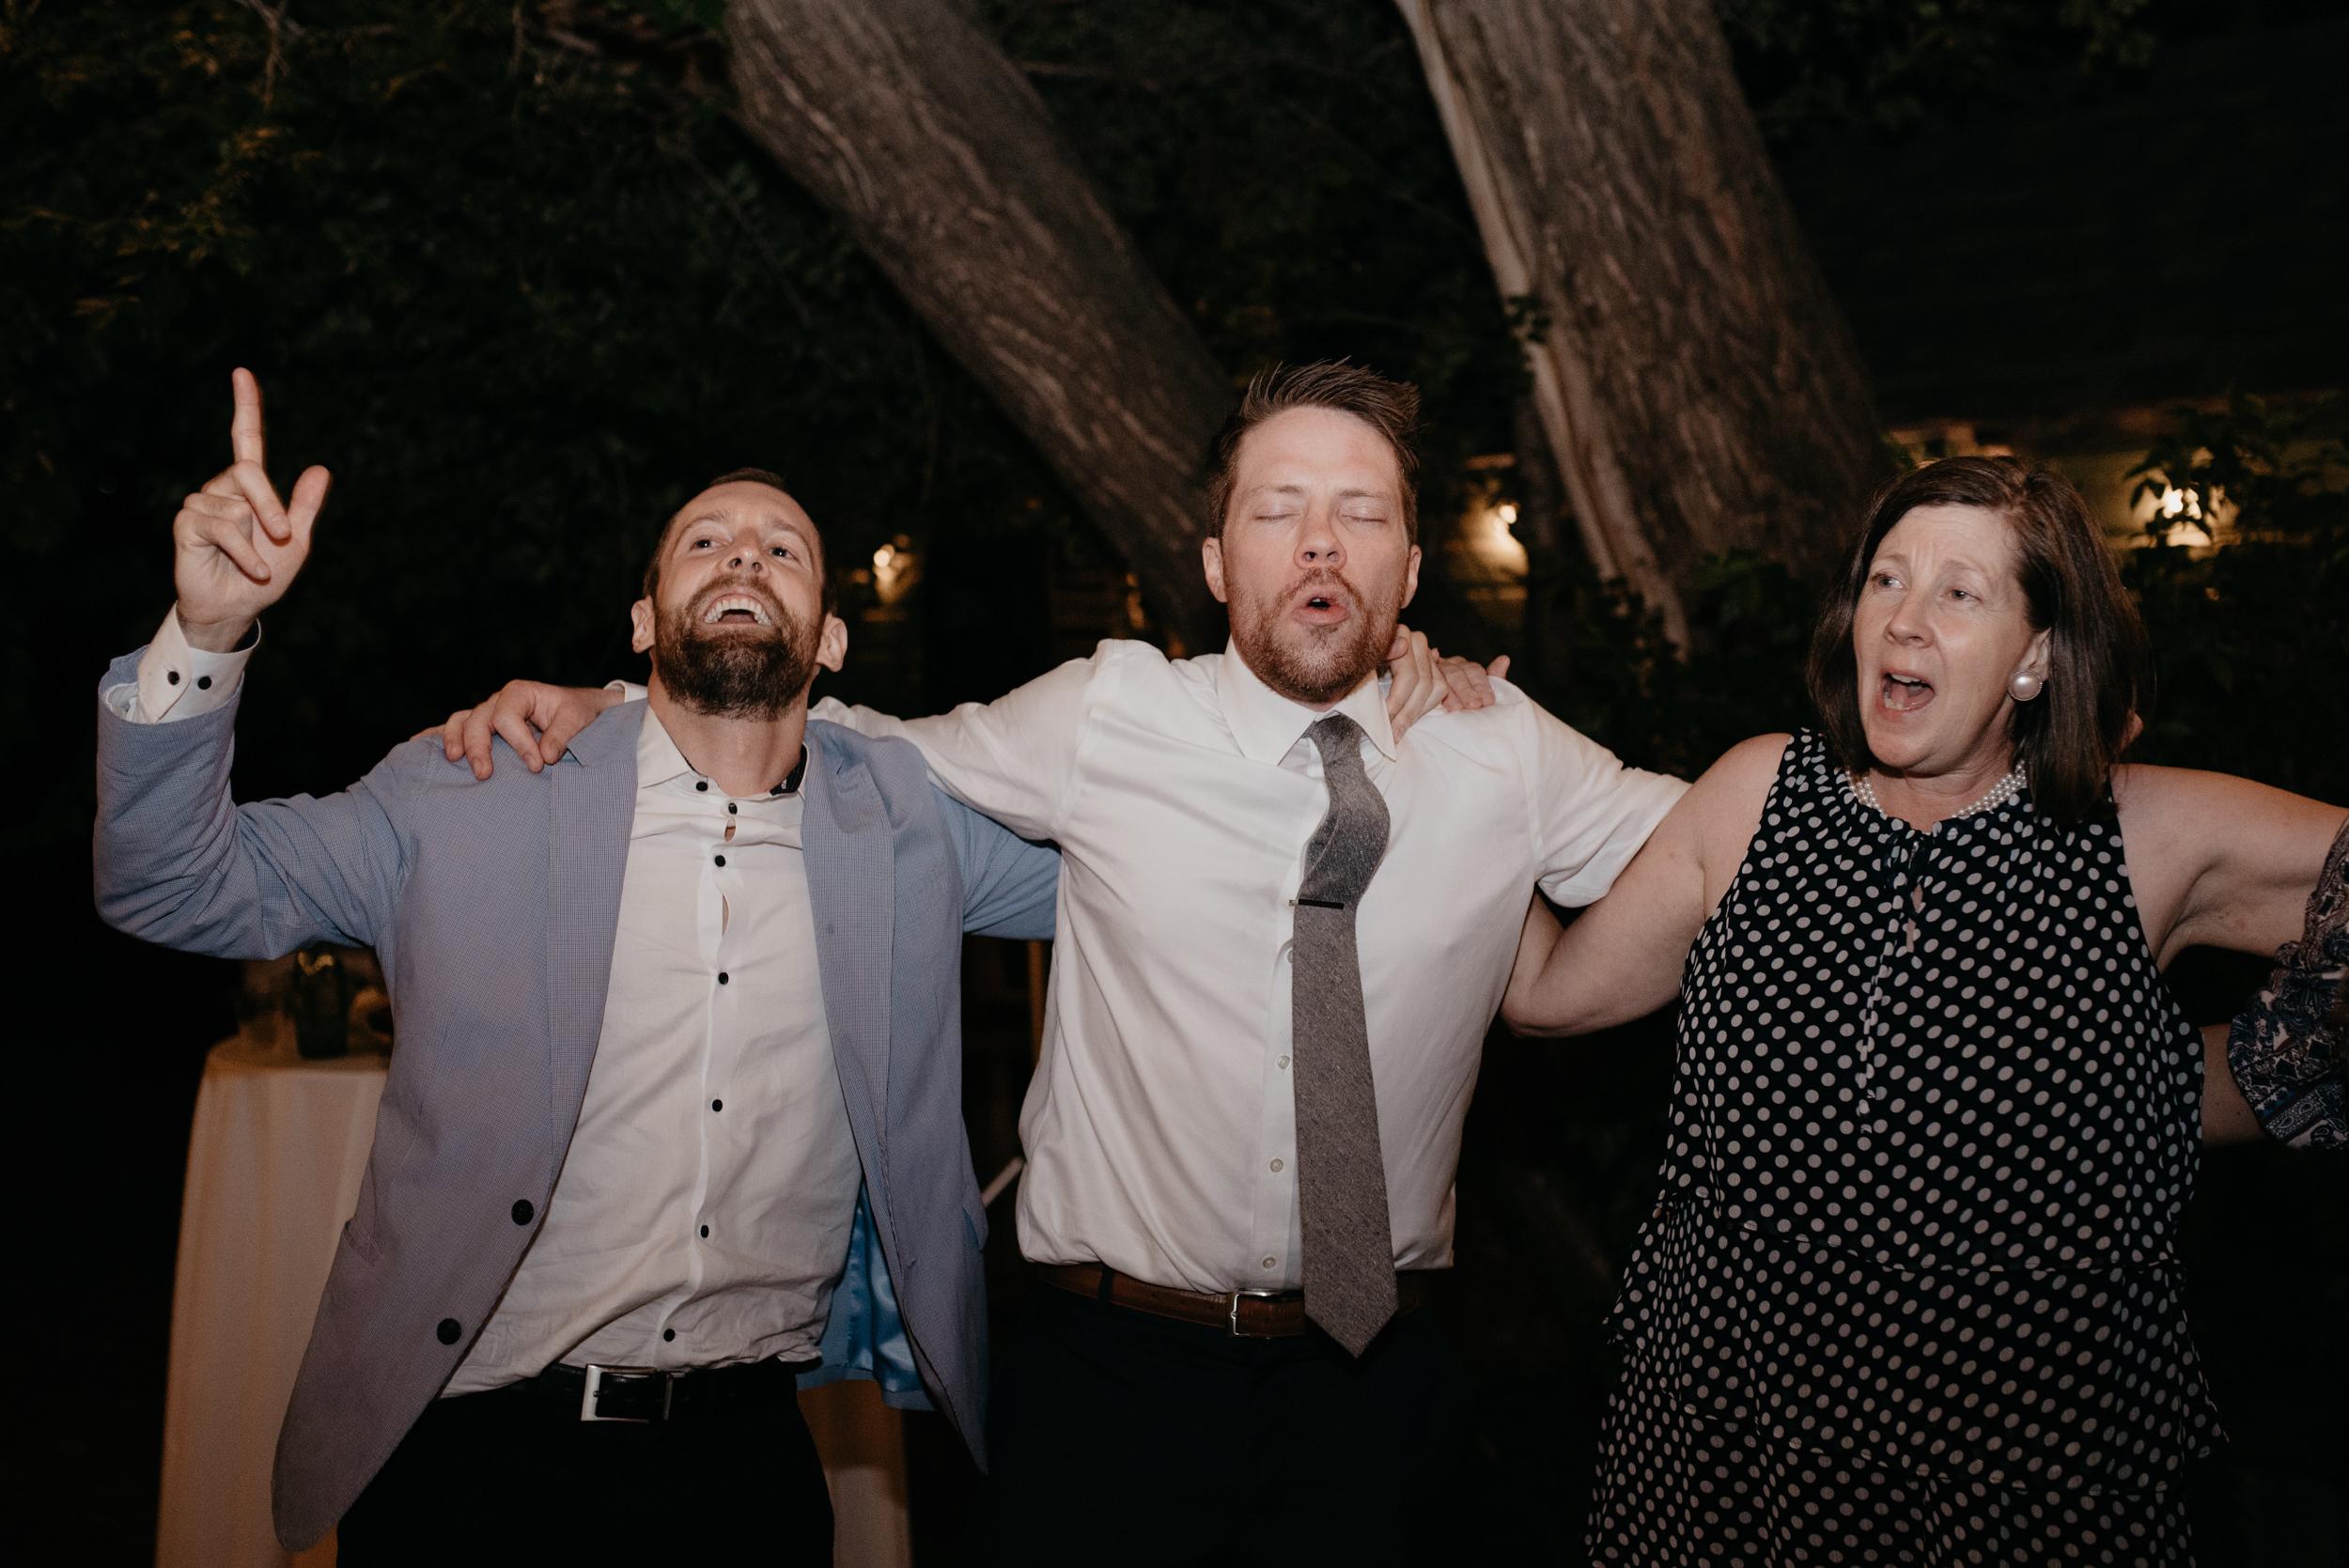 Reception photos at Three Leaf Farm wedding in Colorado. Boulder wedding photographer.